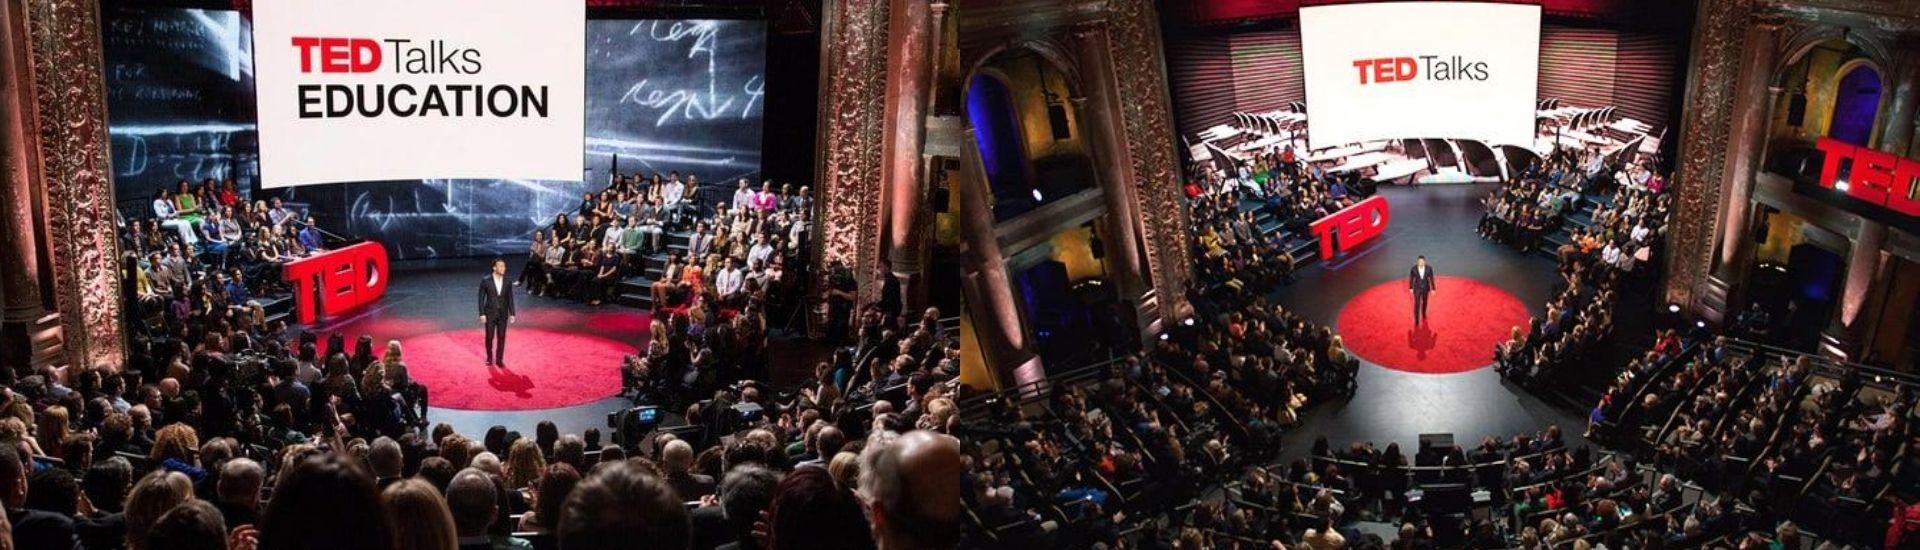 Imagen de las charlas TED